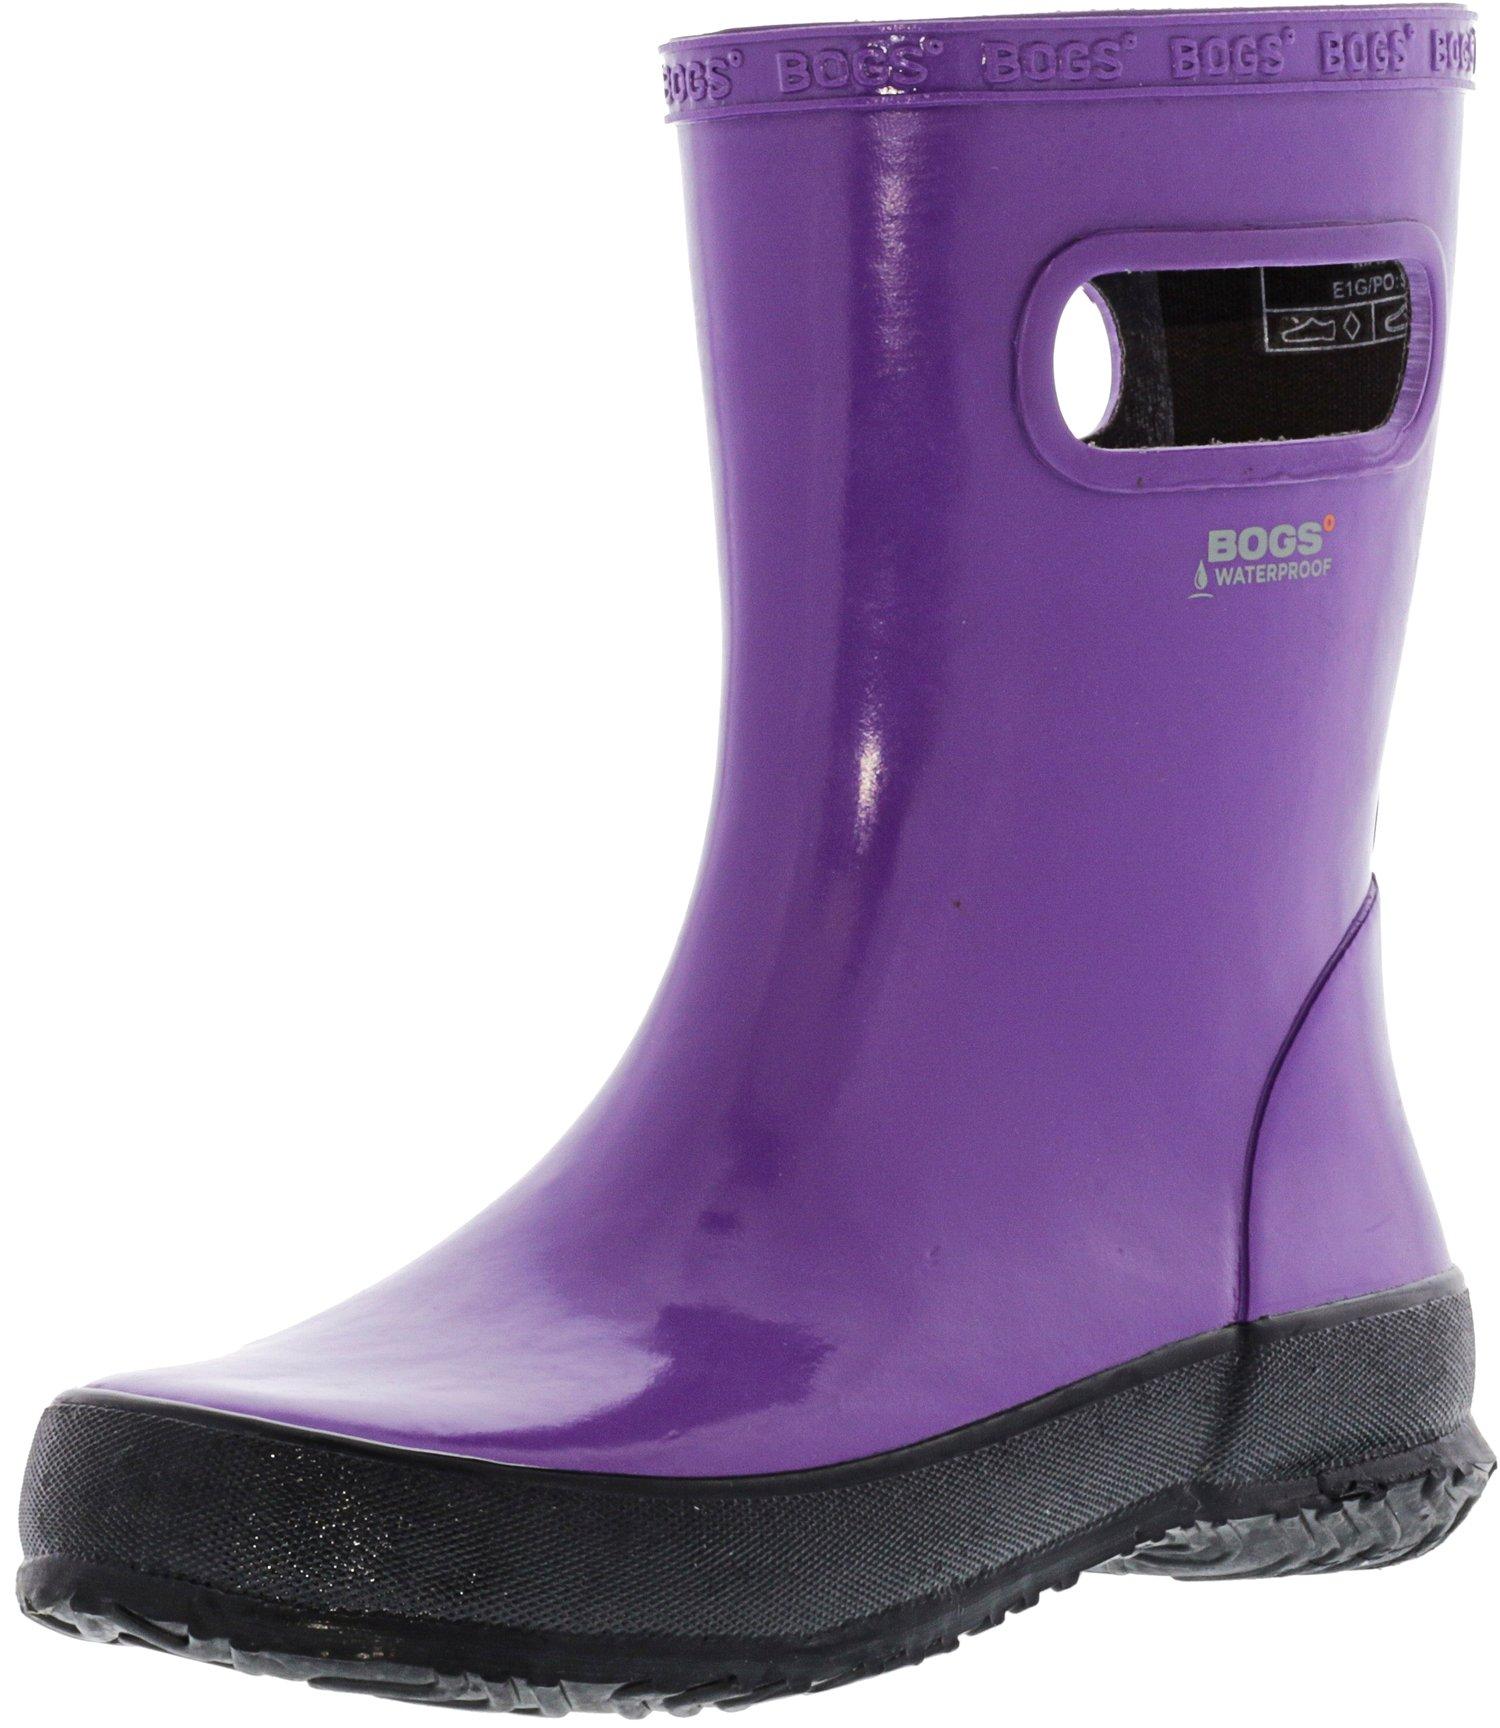 Bogs Skipper Solid Purple Mid-Calf Rubber Rain Boot - 2M